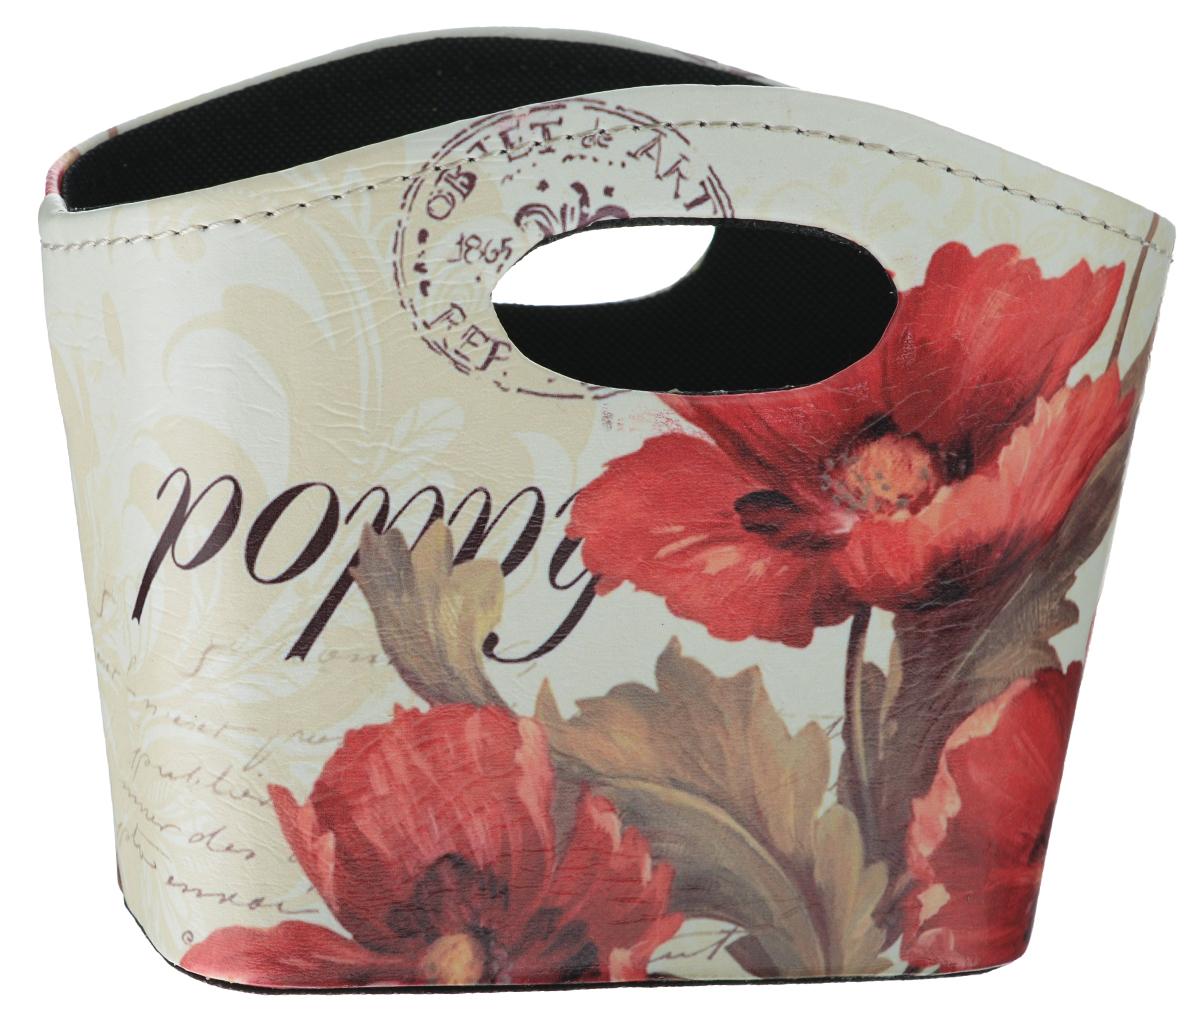 Сумка для хранения El Casa Маки, 20 х 11 х 16 см171176Интерьерная сумка El Casa Маки, выполненная из МДФ, текстиля и искусственной кожи, понравится всем ценителям оригинальных вещей. Благодаря прекрасному дизайну и необычной форме, такая сумка будет отлично смотреться в вашей гостиной или коридоре. В ней можно хранить всевозможные мелочи: расчески, заколки, журналы или газеты. Сумка El Casa Маки станет отличным подарком для ваших друзей и близких.